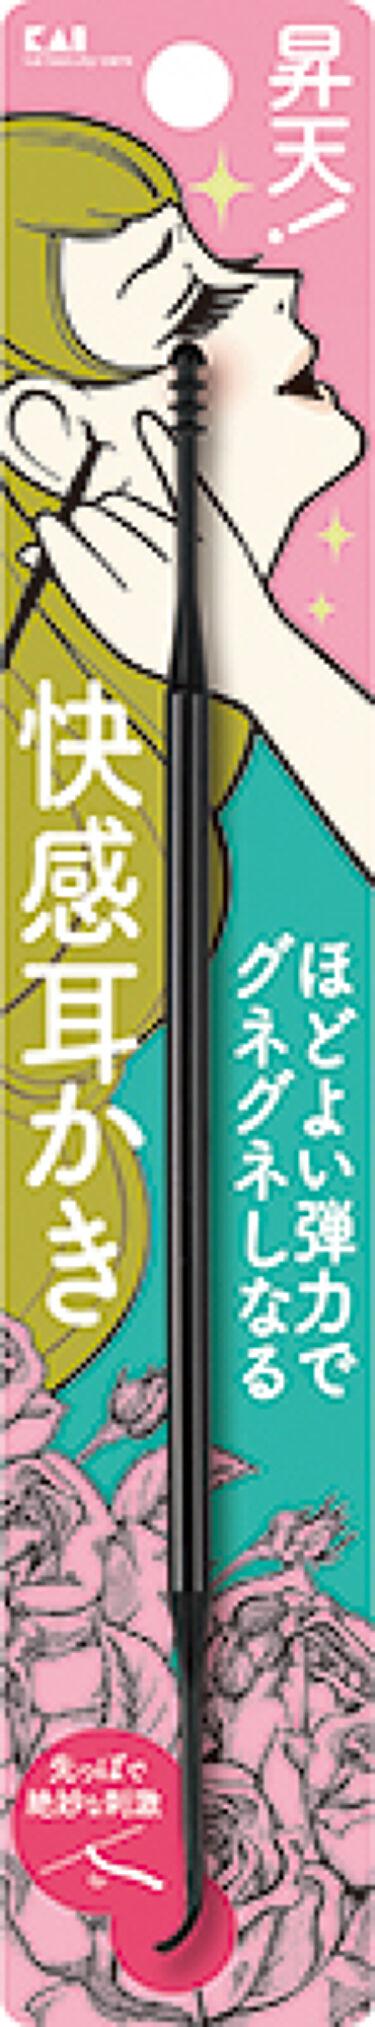 2020/3/3発売 貝印 昇天!快感耳かき